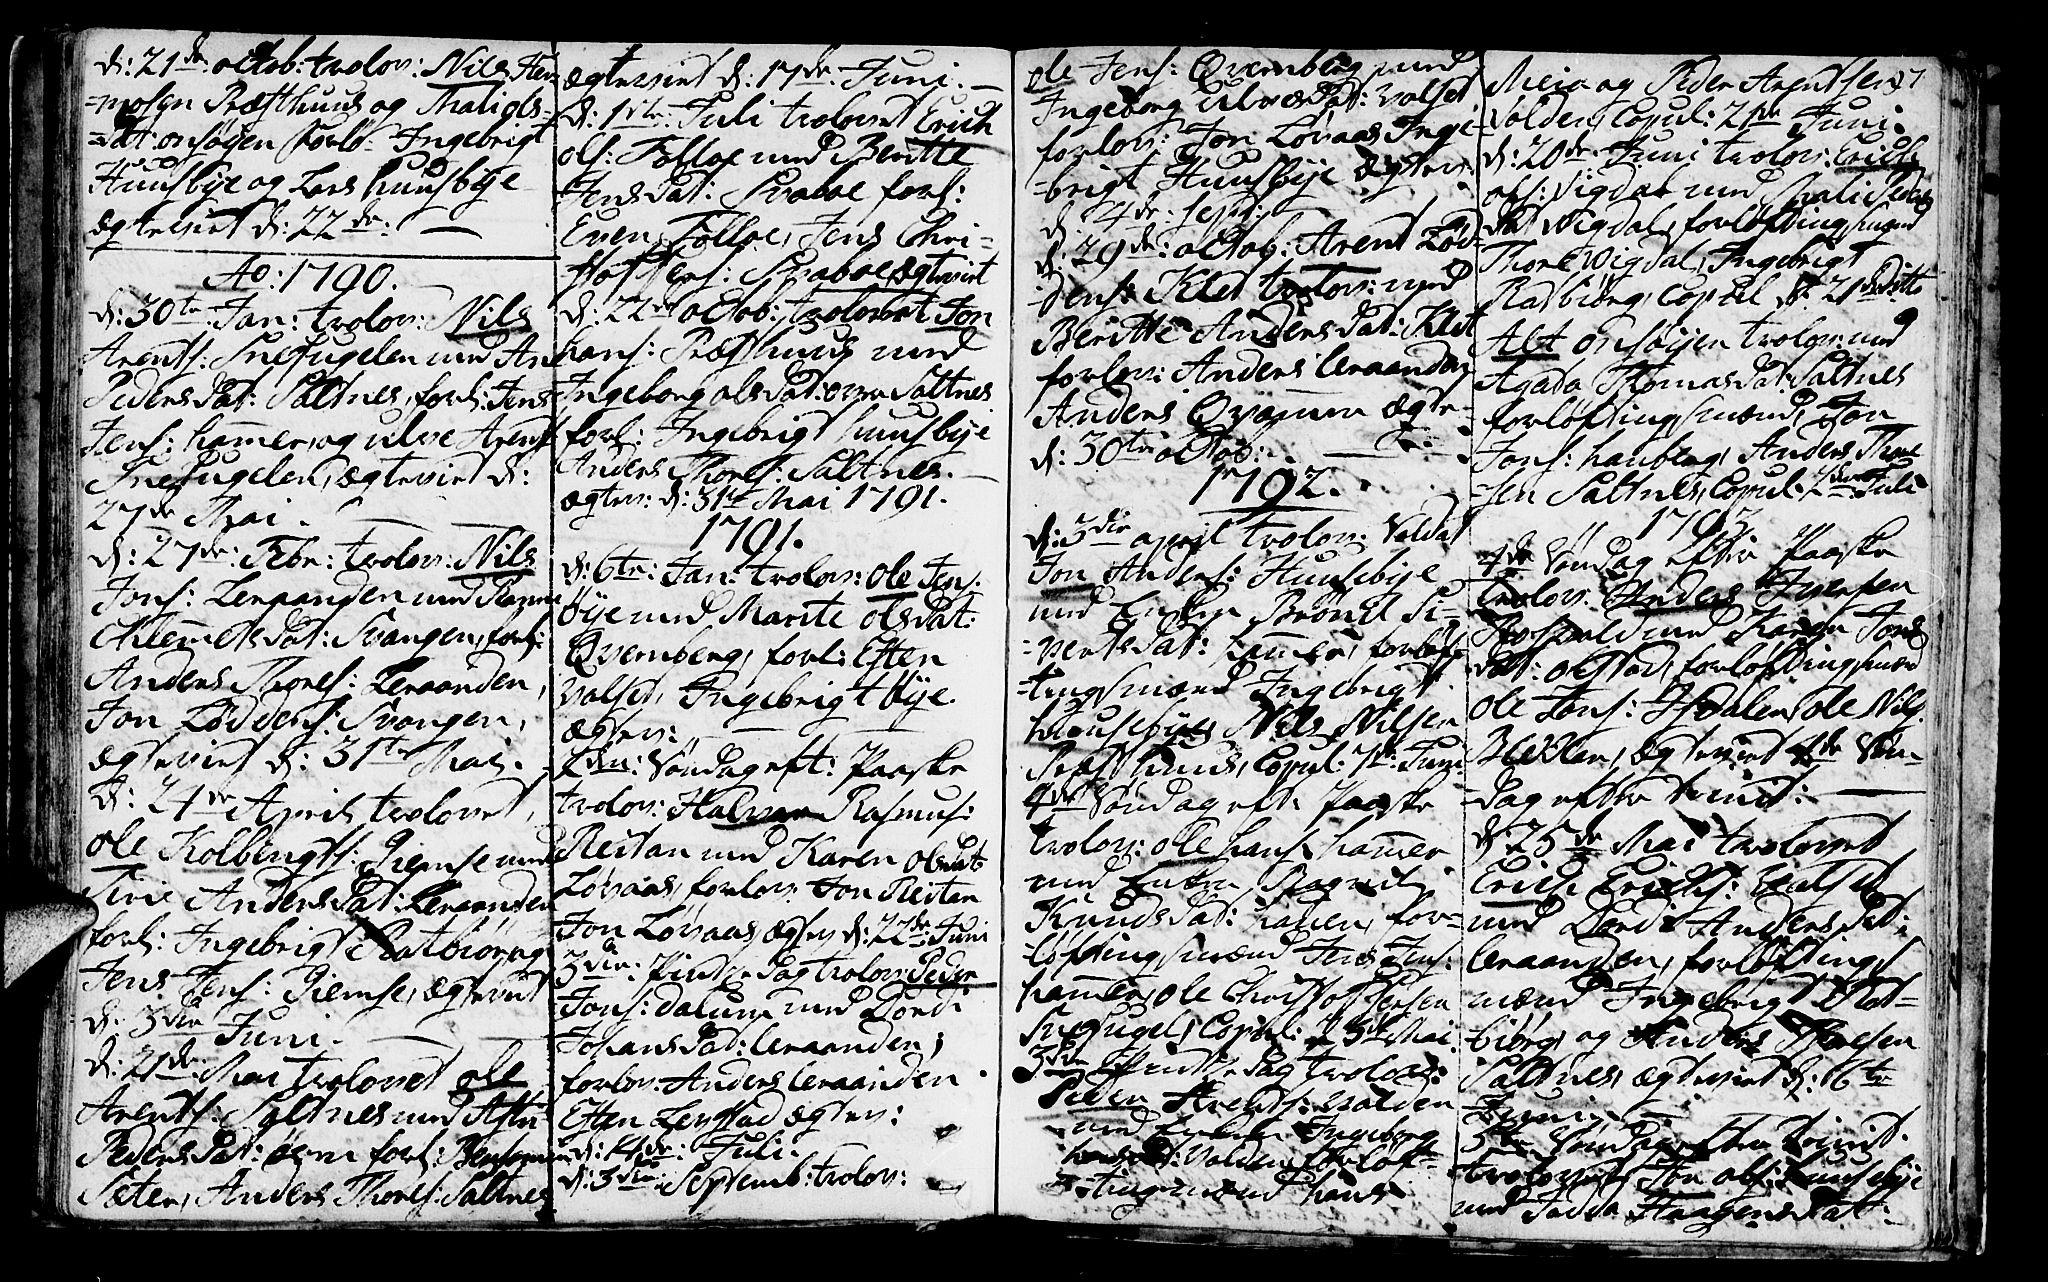 SAT, Ministerialprotokoller, klokkerbøker og fødselsregistre - Sør-Trøndelag, 666/L0784: Ministerialbok nr. 666A02, 1754-1802, s. 97